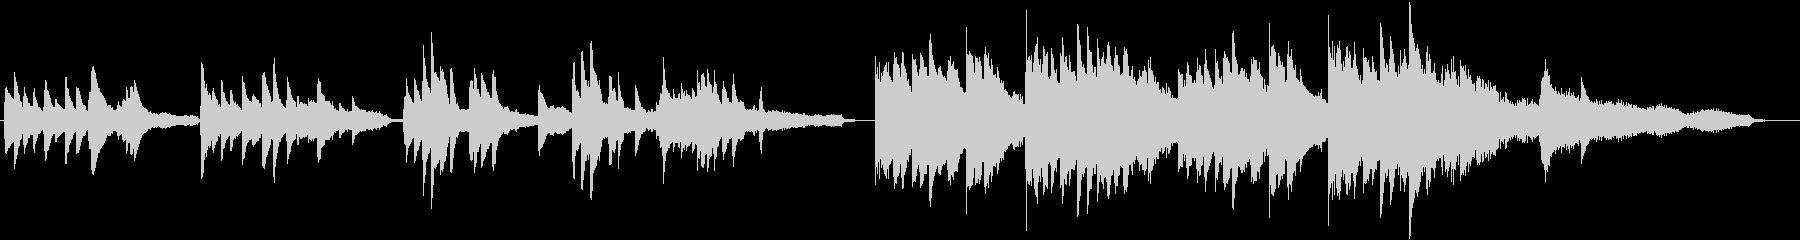 幻想的なピアノソロBGMの未再生の波形